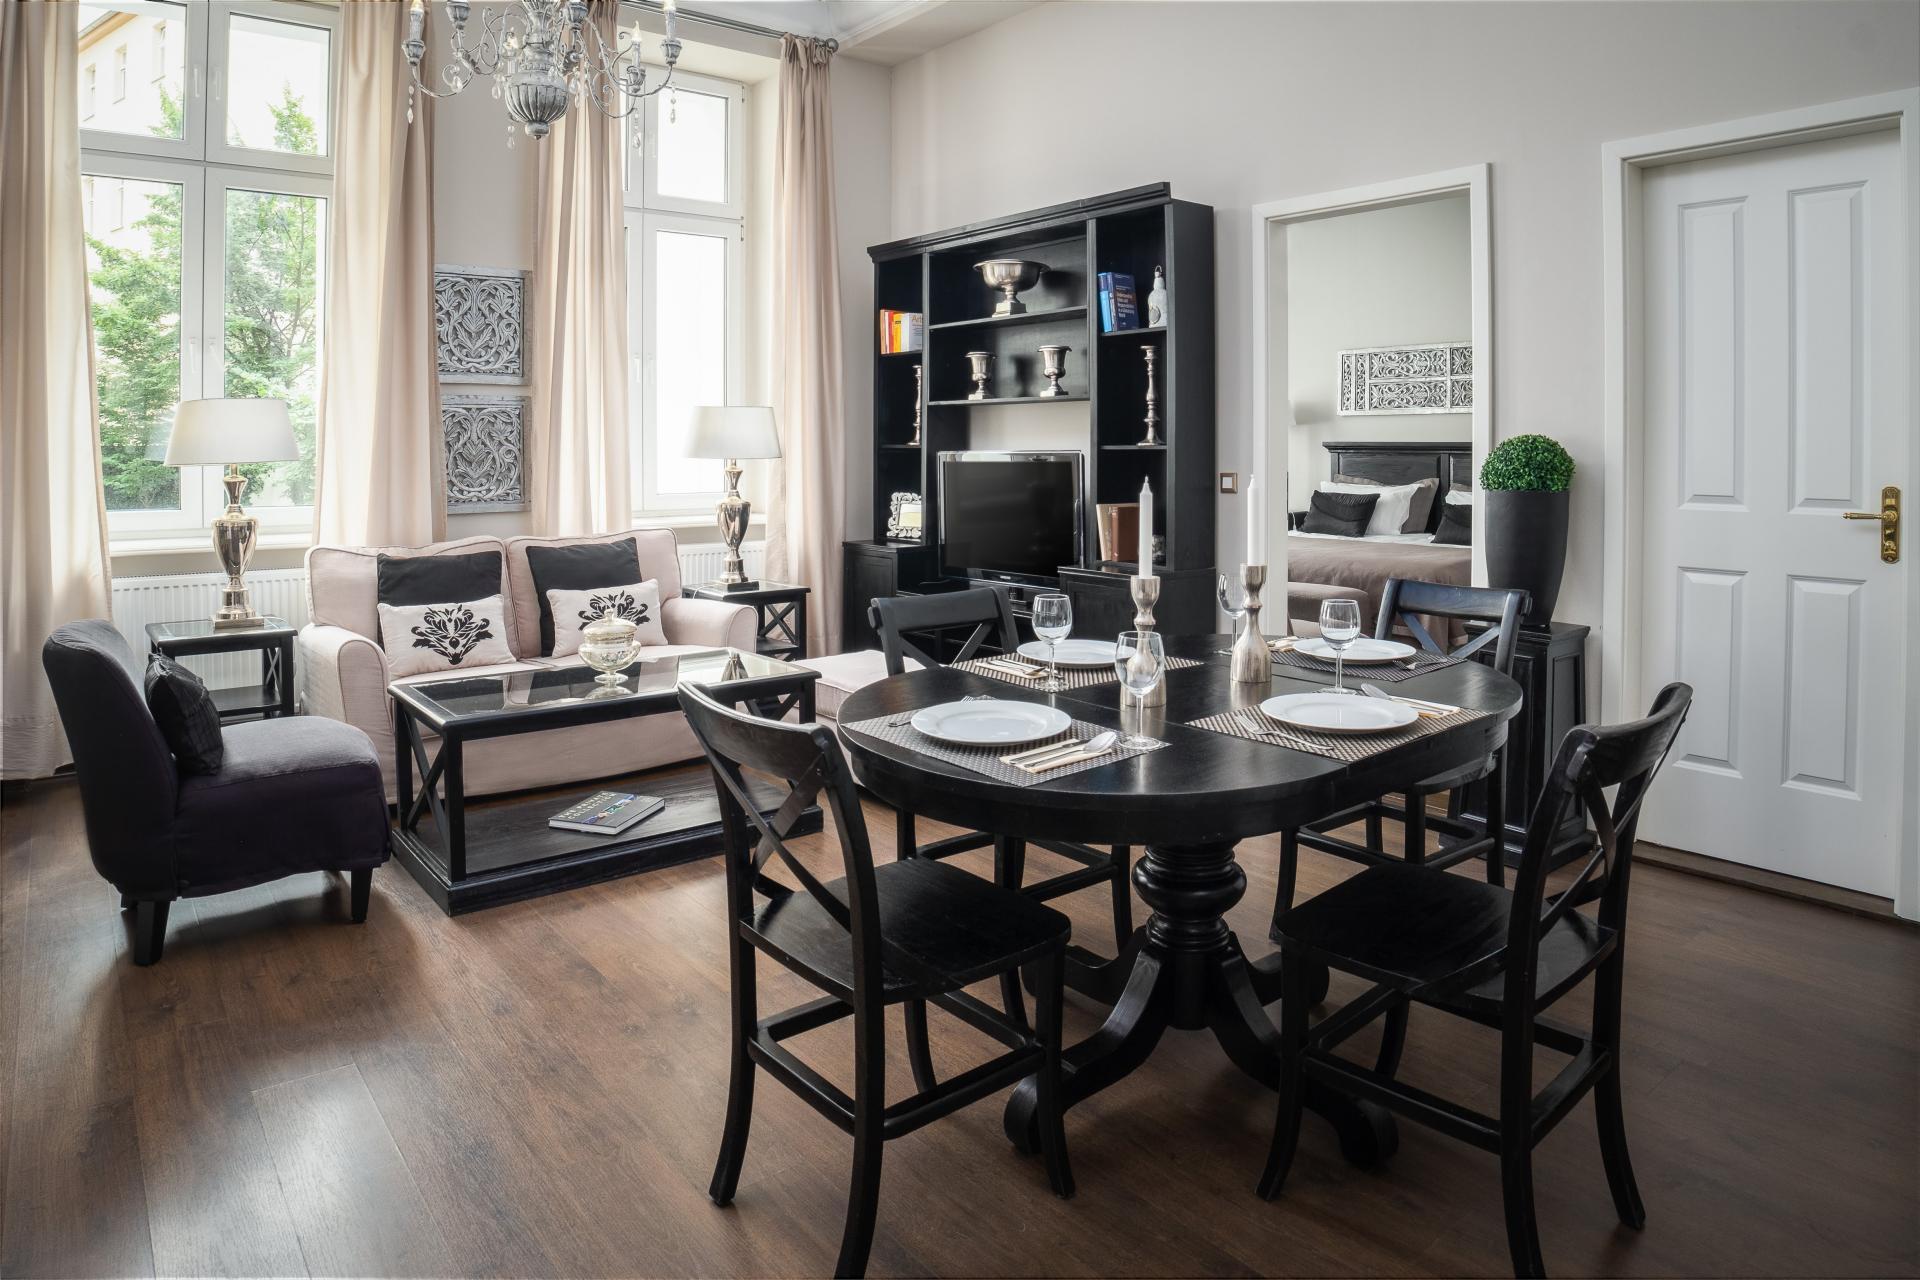 Dining area at  Palacina Berlin Apartments - Citybase Apartments